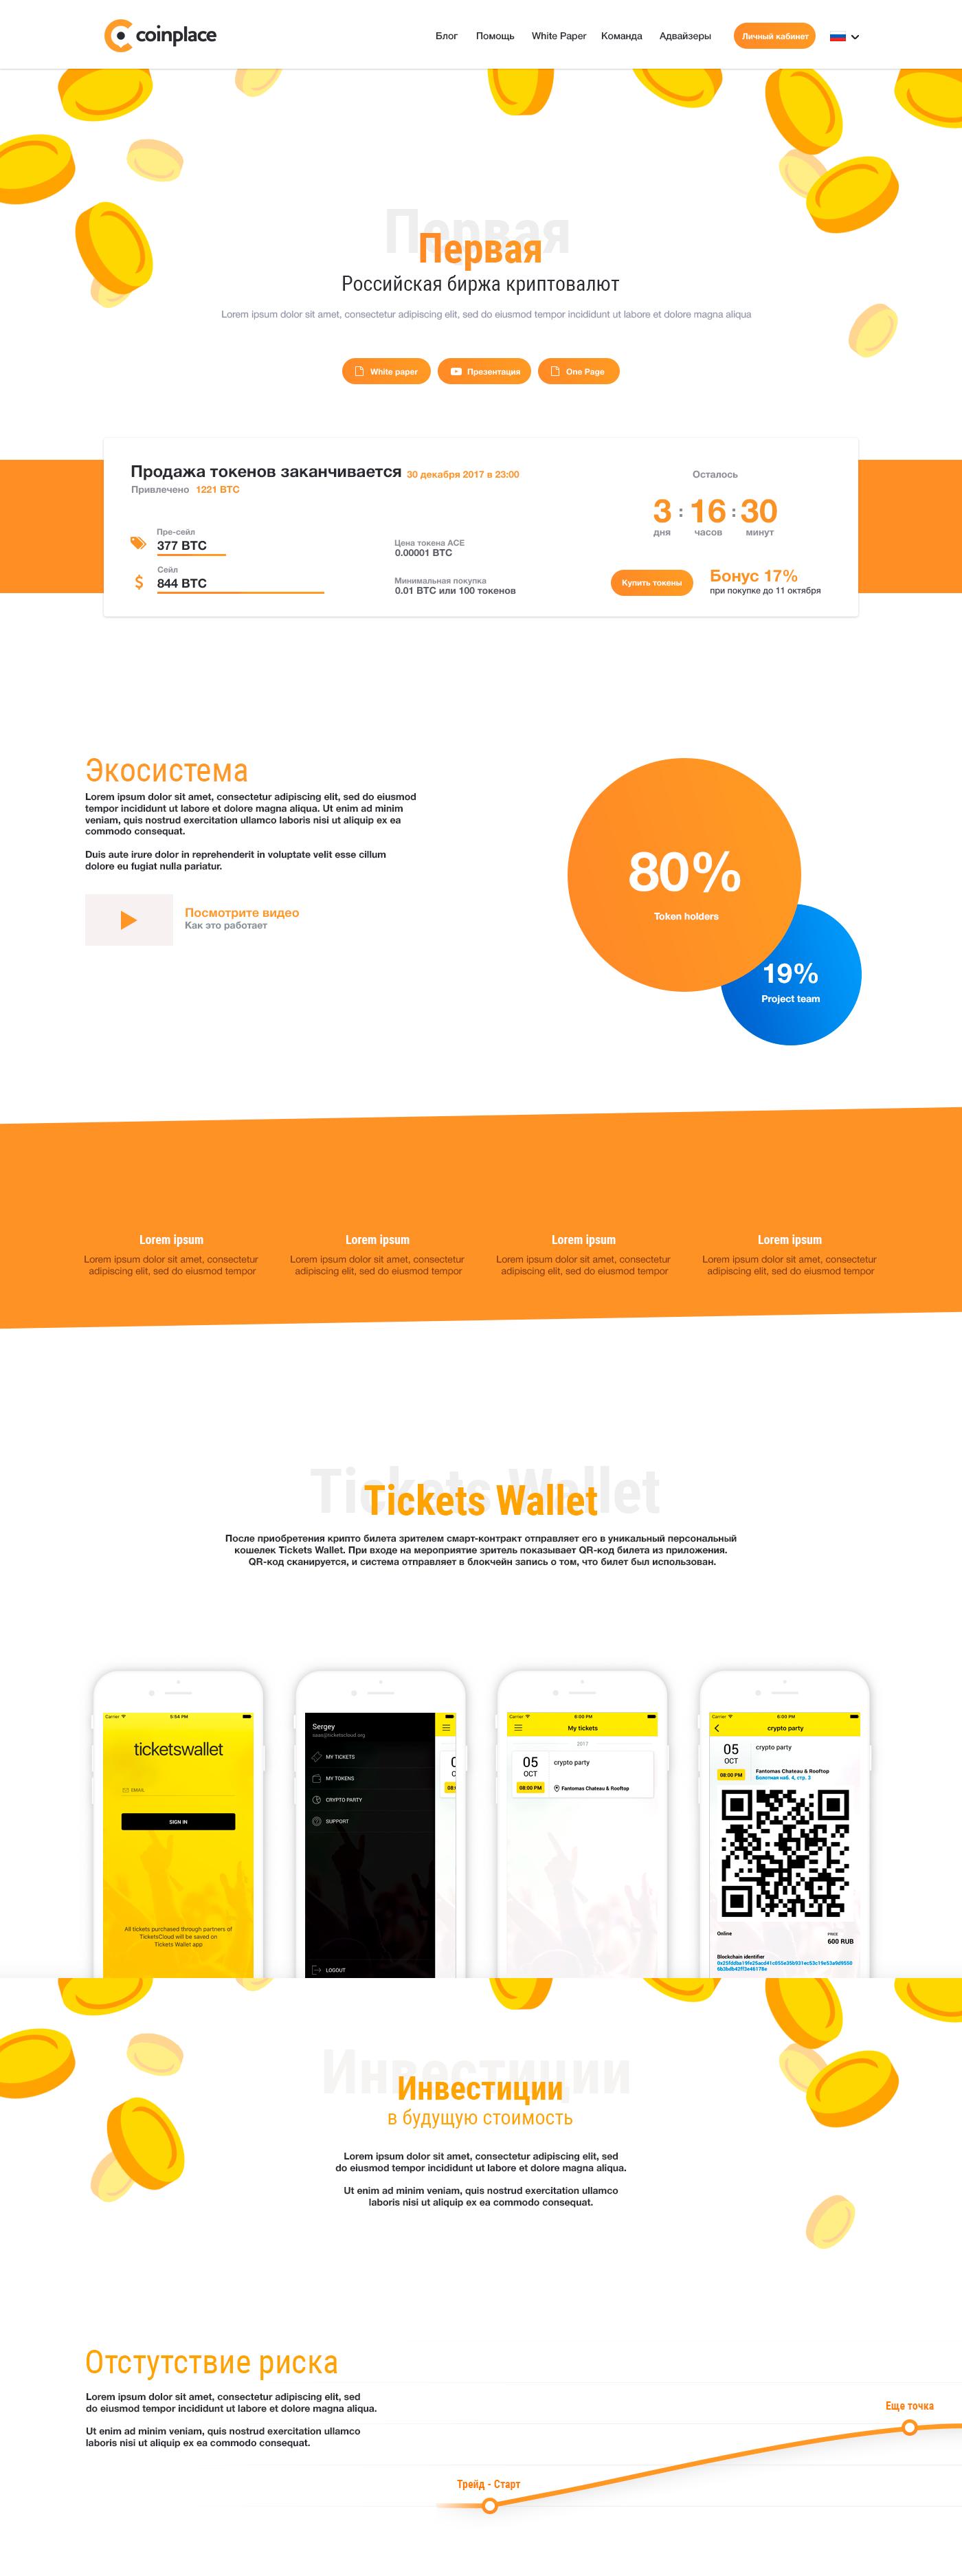 Дизайн сайта 4 экрана.(далее контракт на работы на 50 т.р.) фото f_74659dcb72ecc501.png